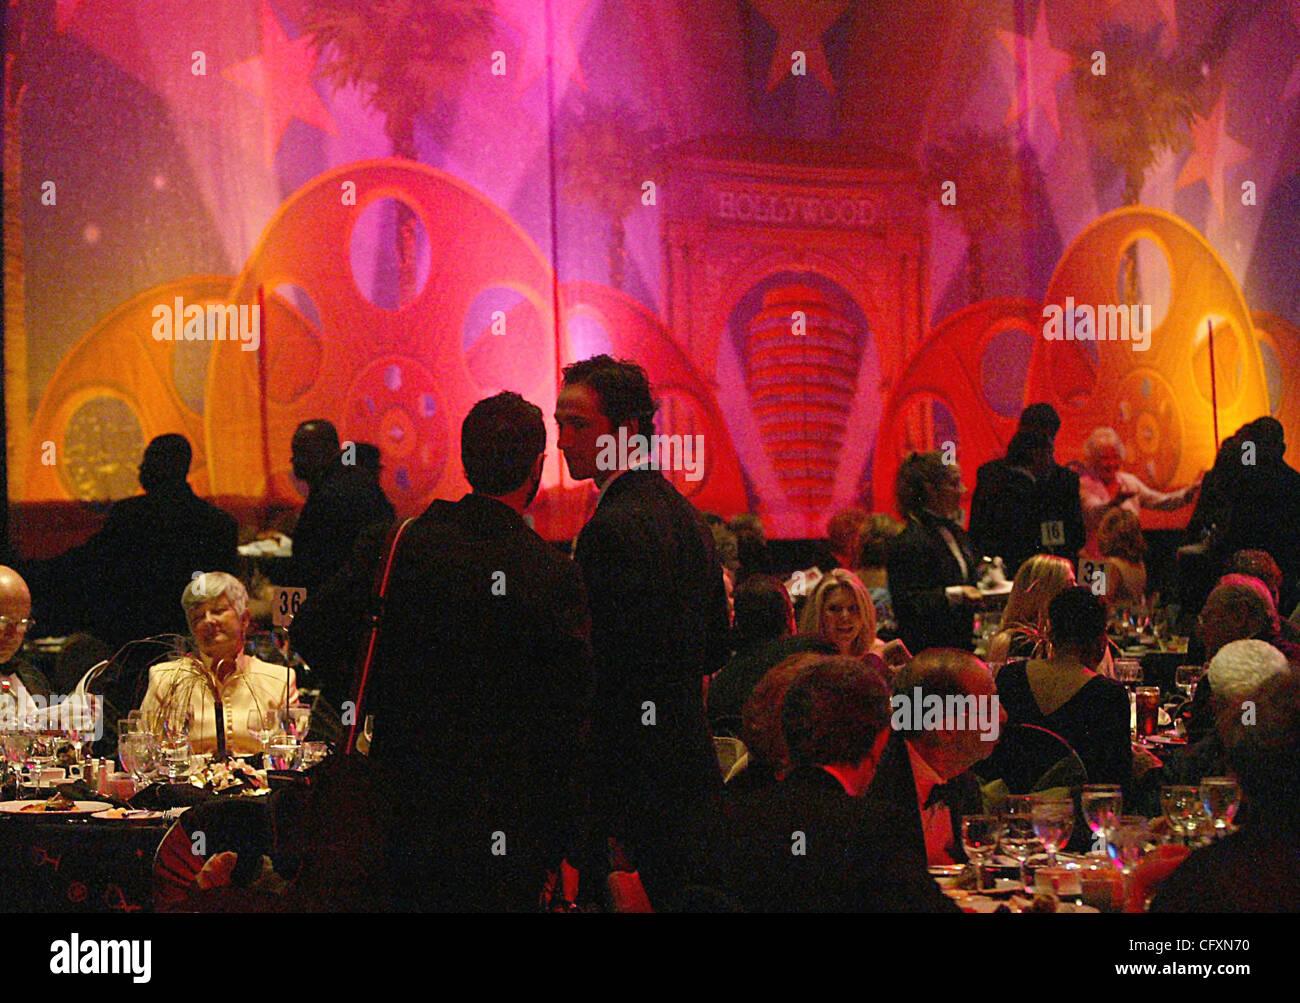 042107 traf Filmfest Foto von Damon Higgins/The Palm Beach Post 0036840A - BOCA RATON - W/Geschichte von HAP ERSTEIN Stockbild